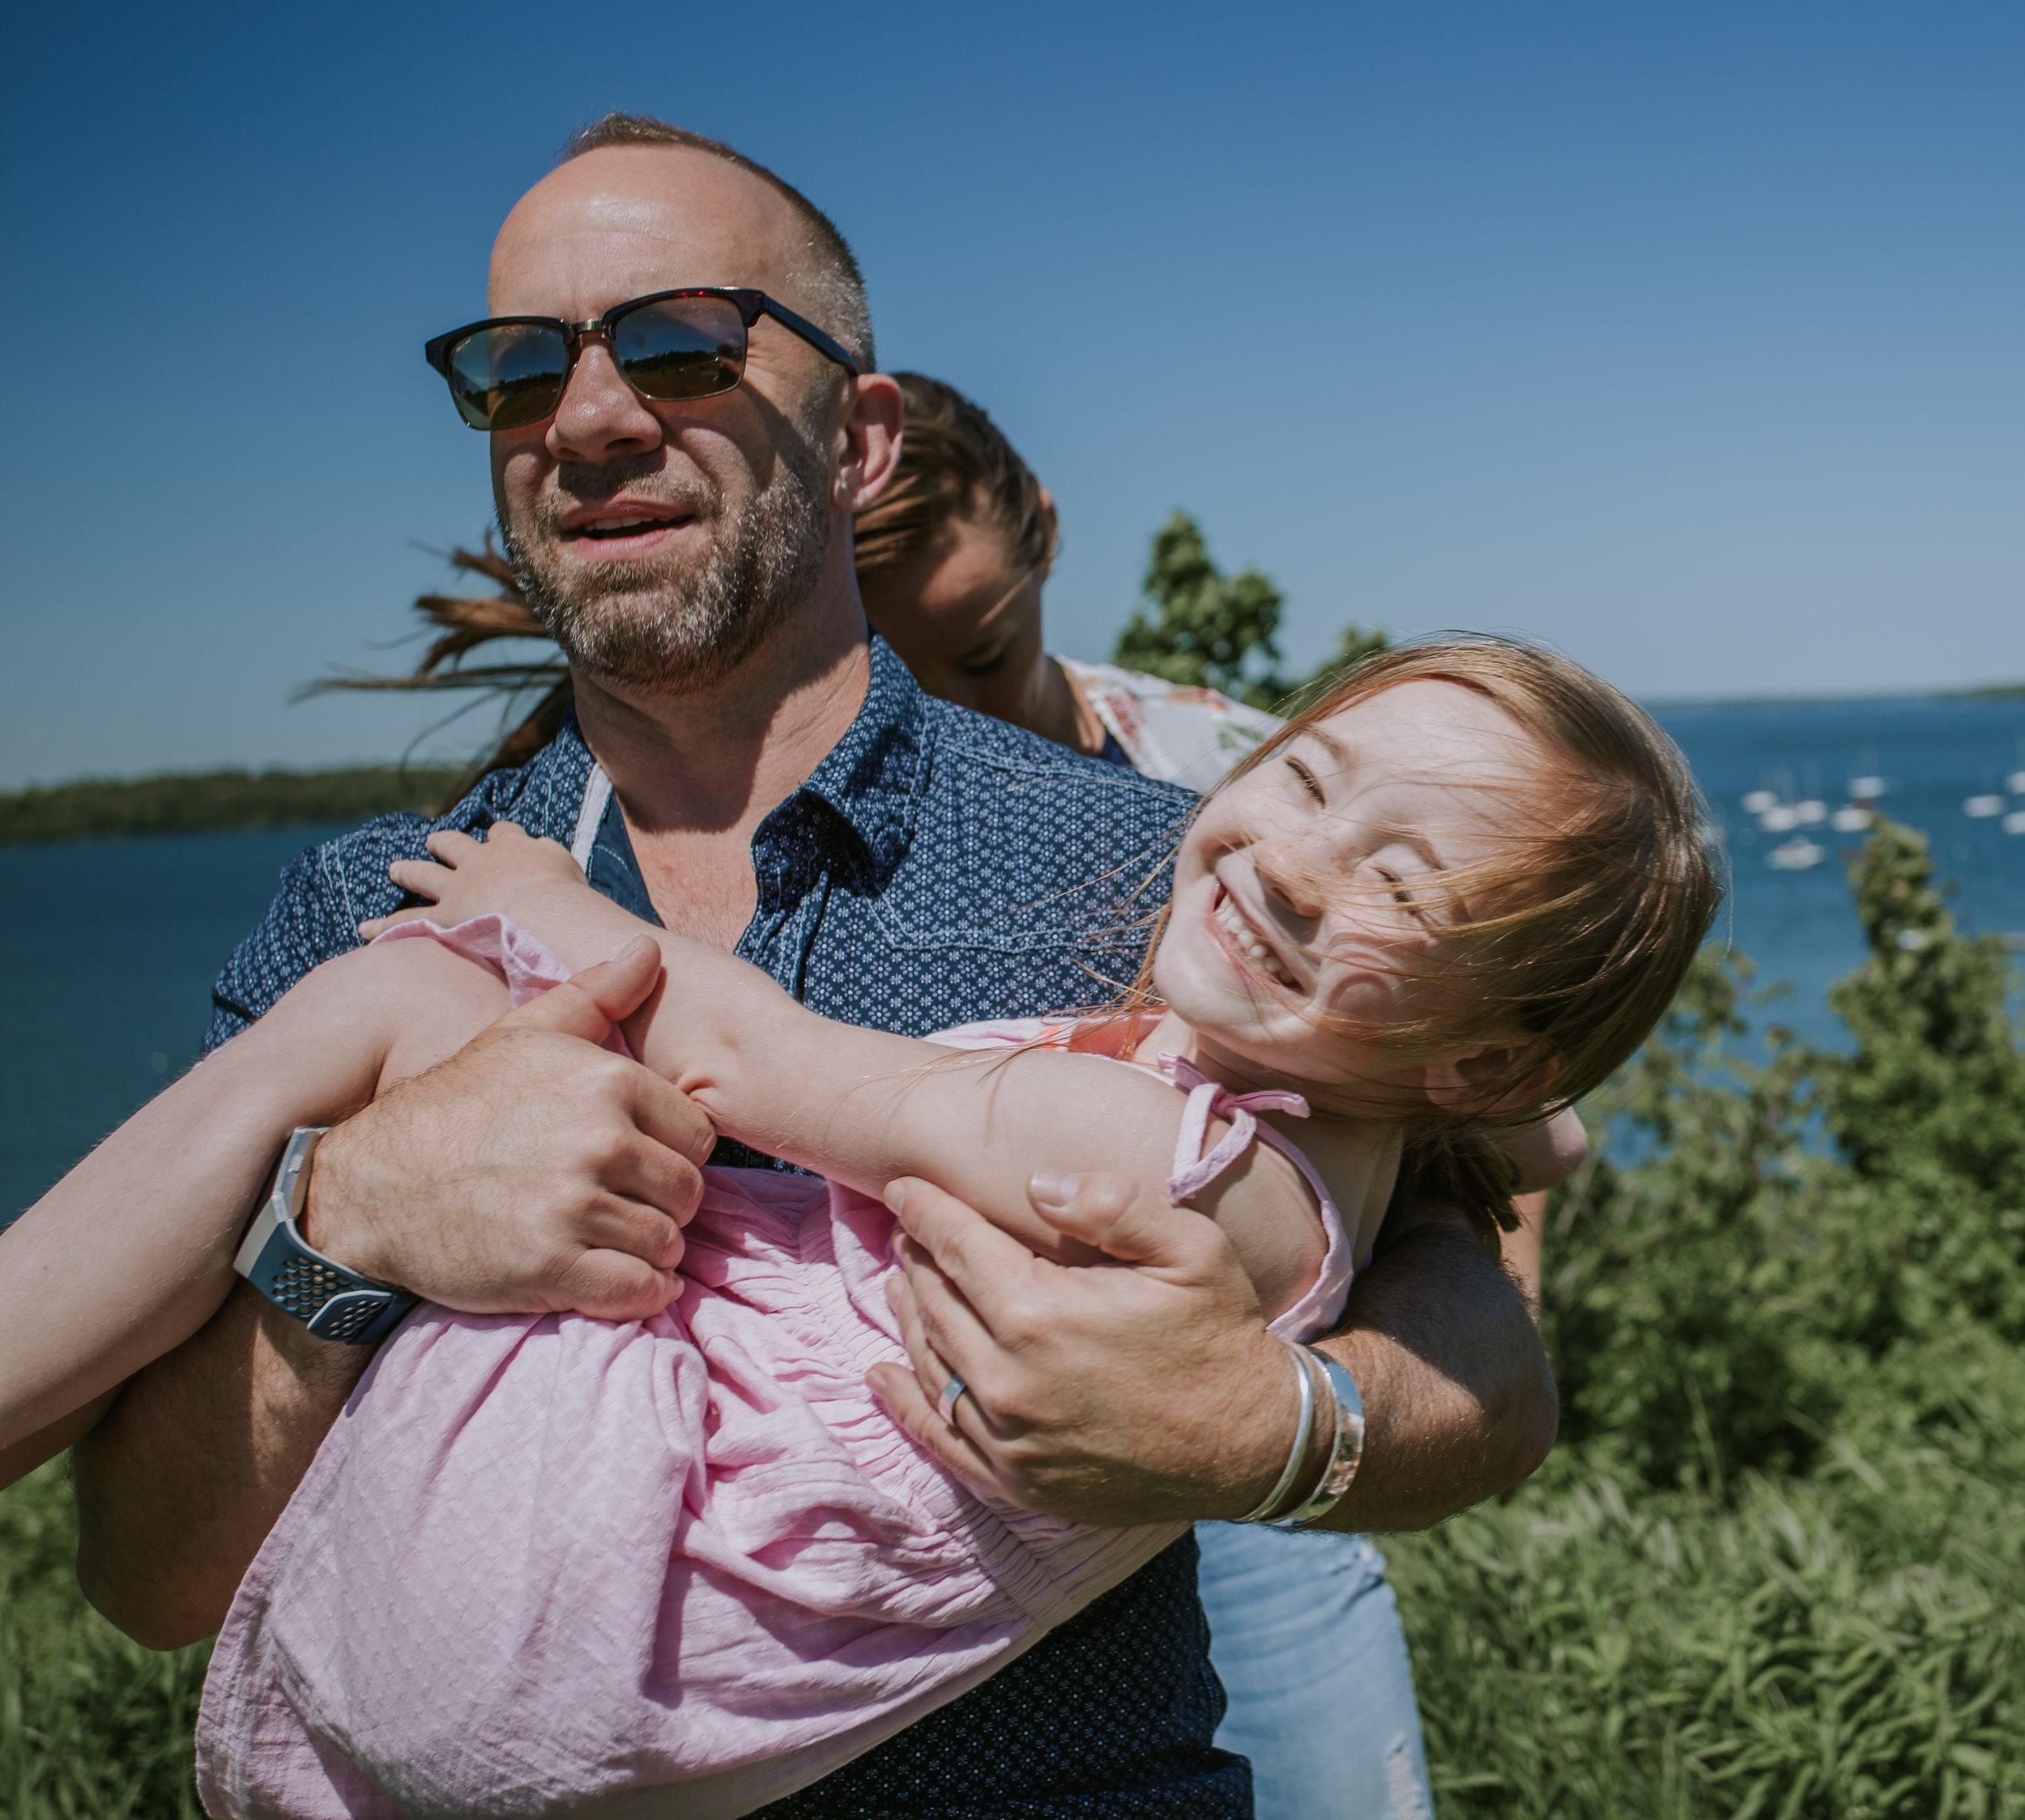 Rebecca_and_Family-61.jpg